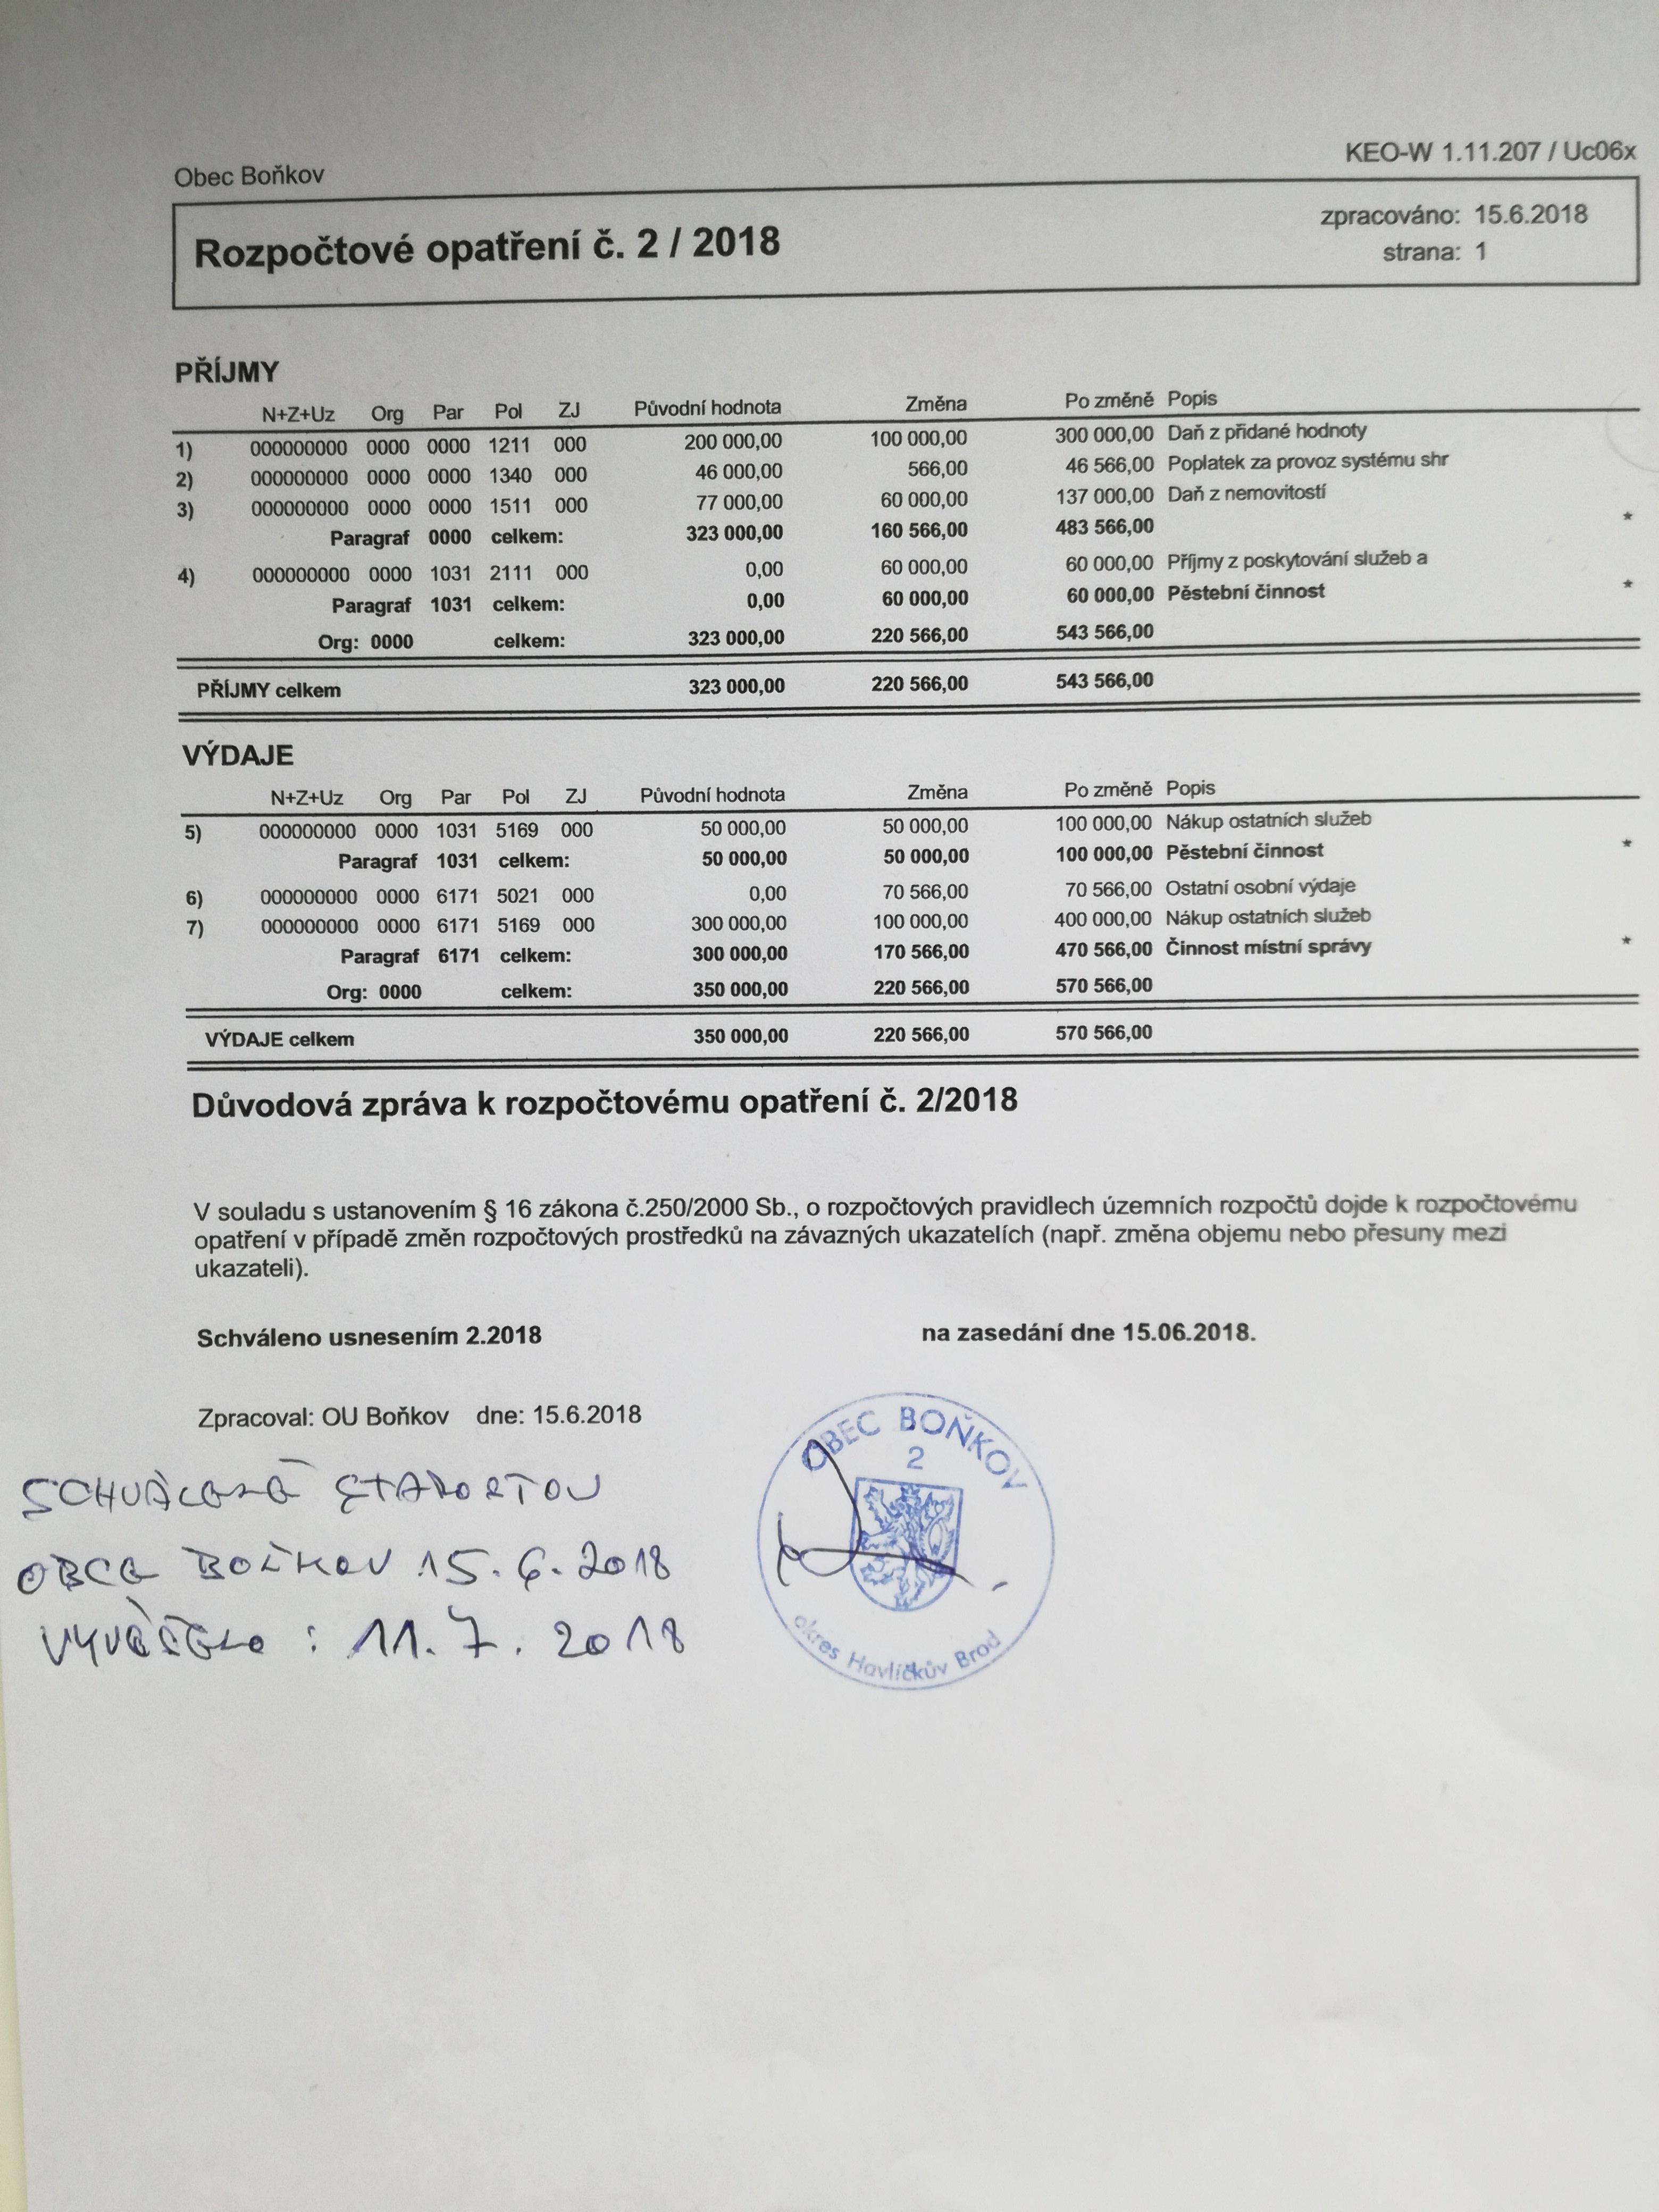 Rozpočtové opatření č.2/2018